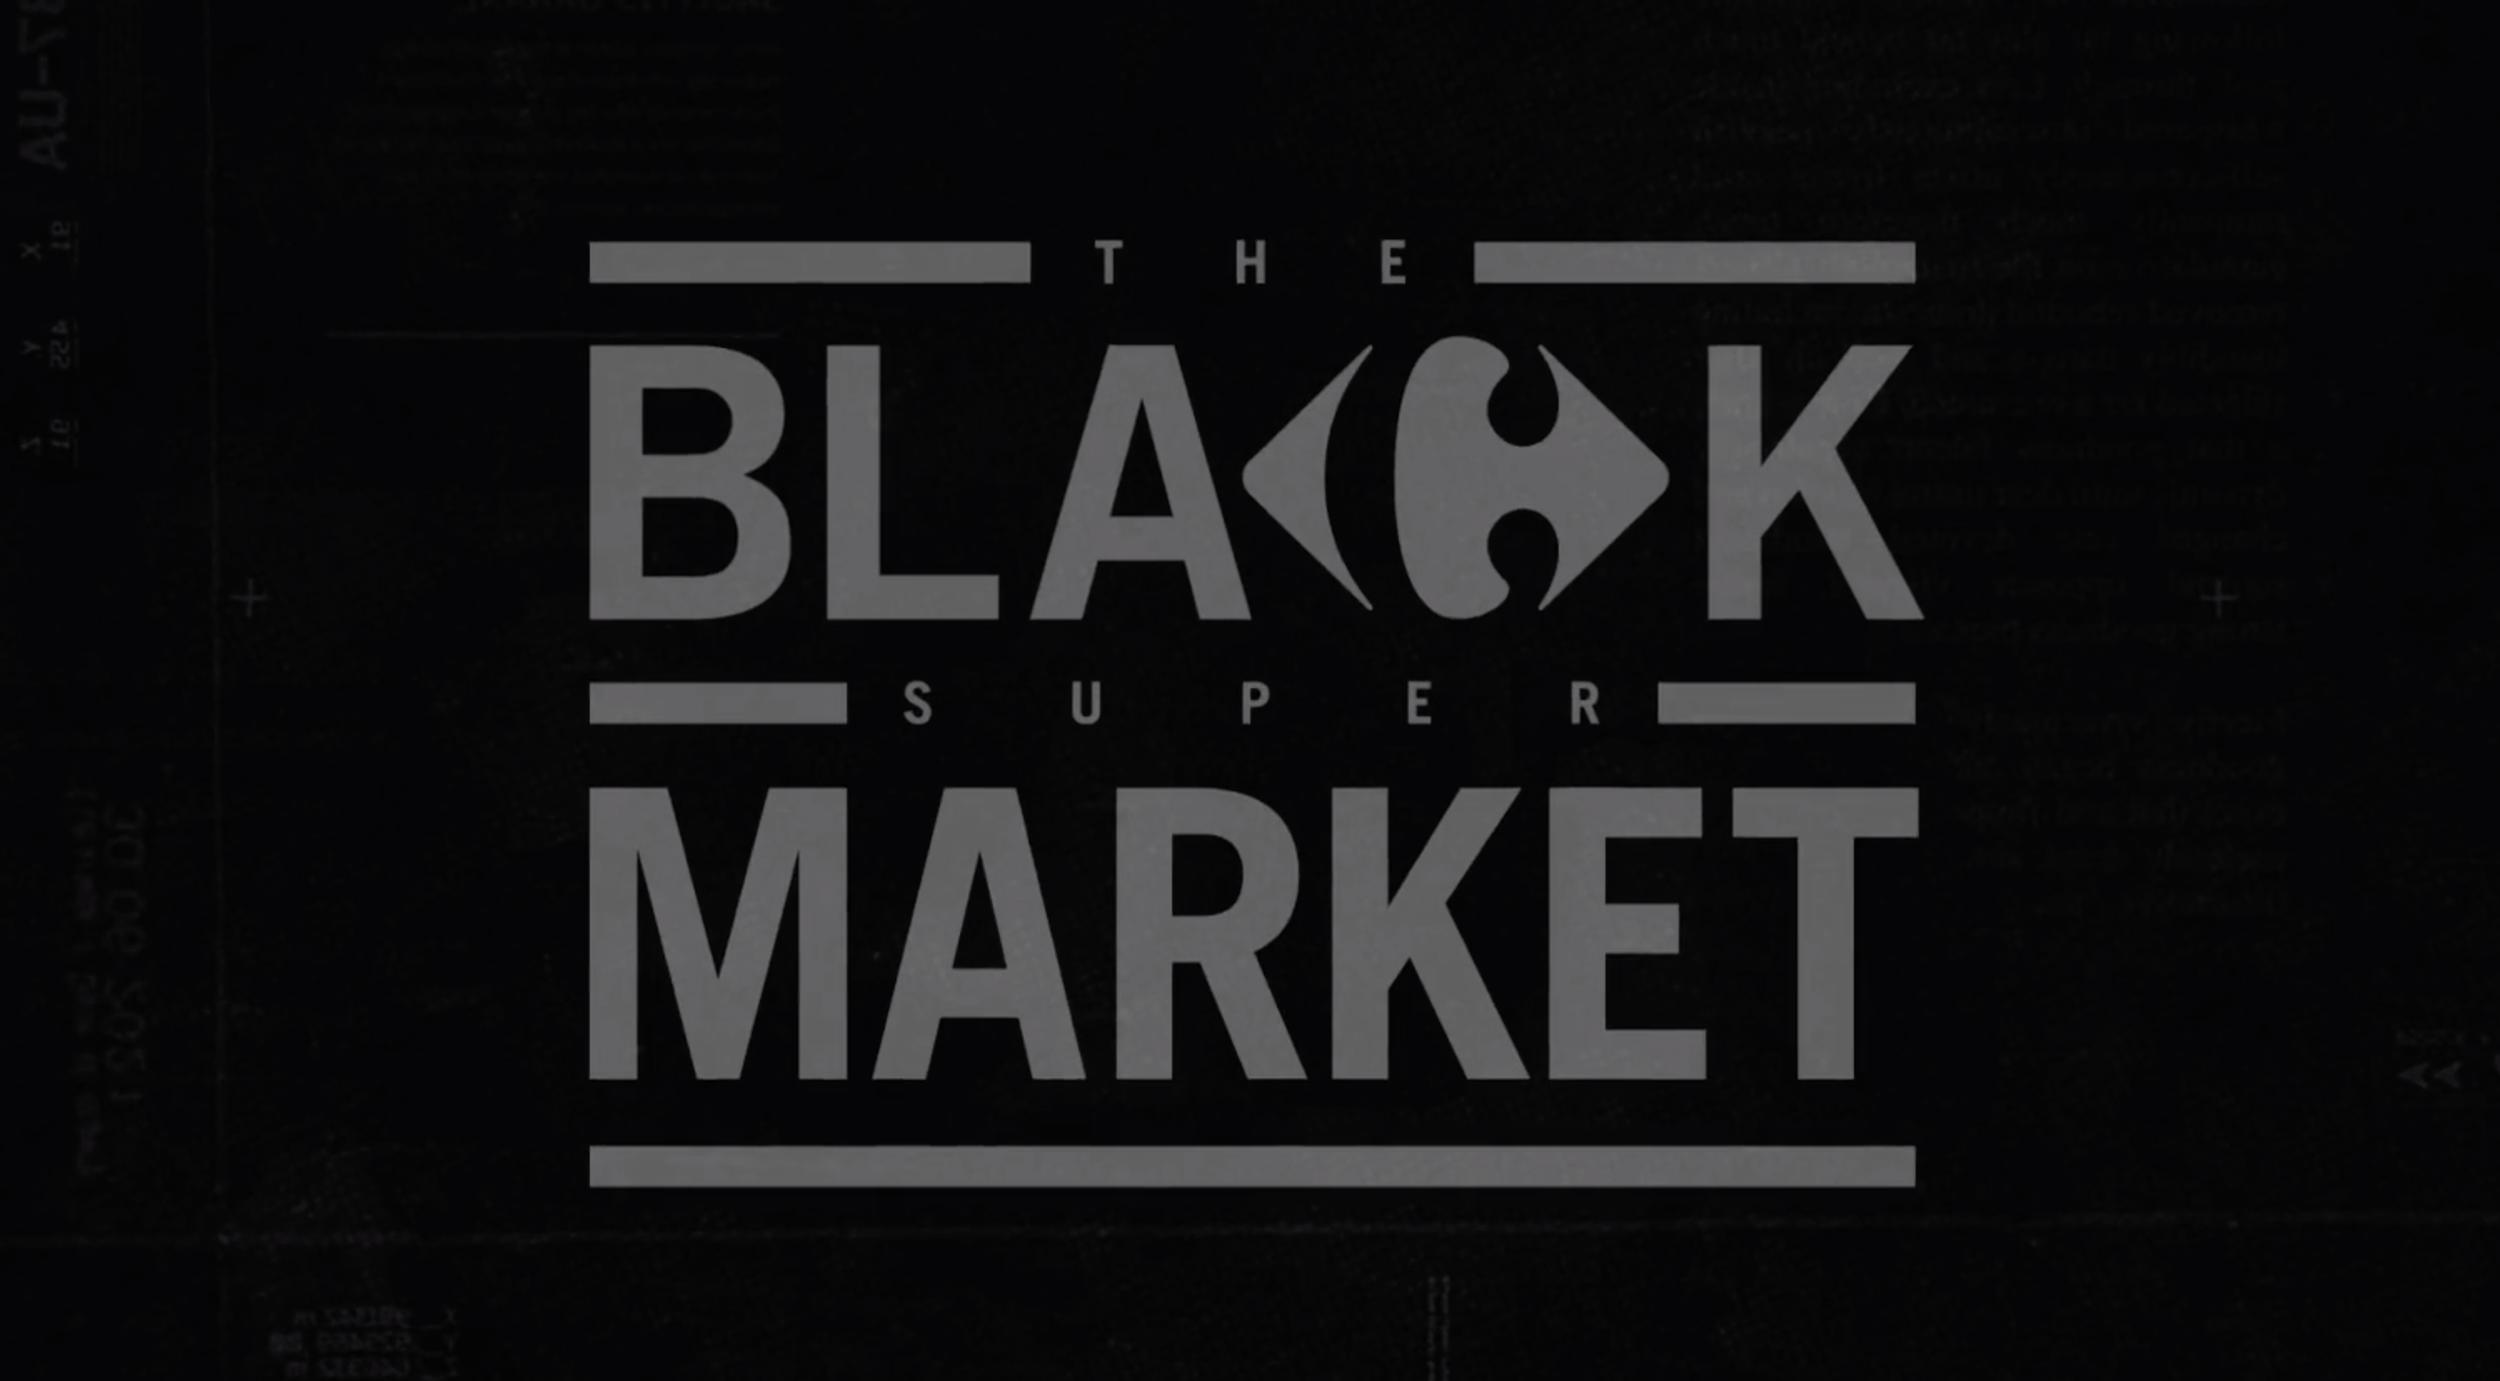 blacksupermarket3.jpg